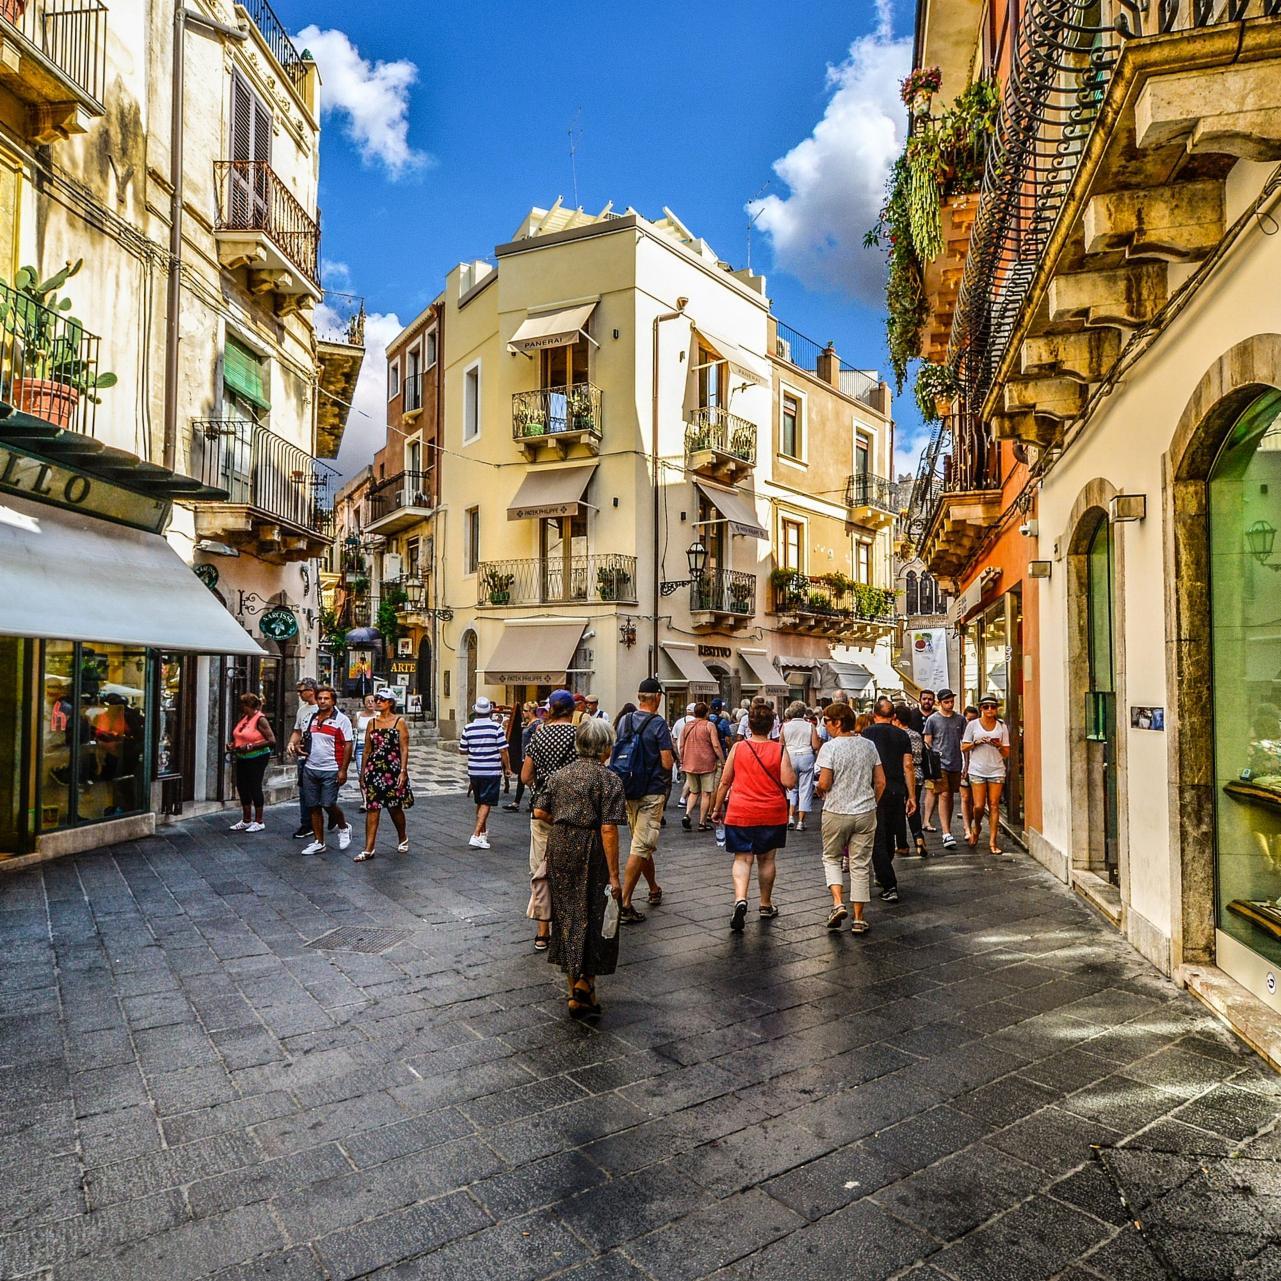 I negozi aperti di domenica spiegato ottimisti razionali for Negozi arredamento aperti domenica